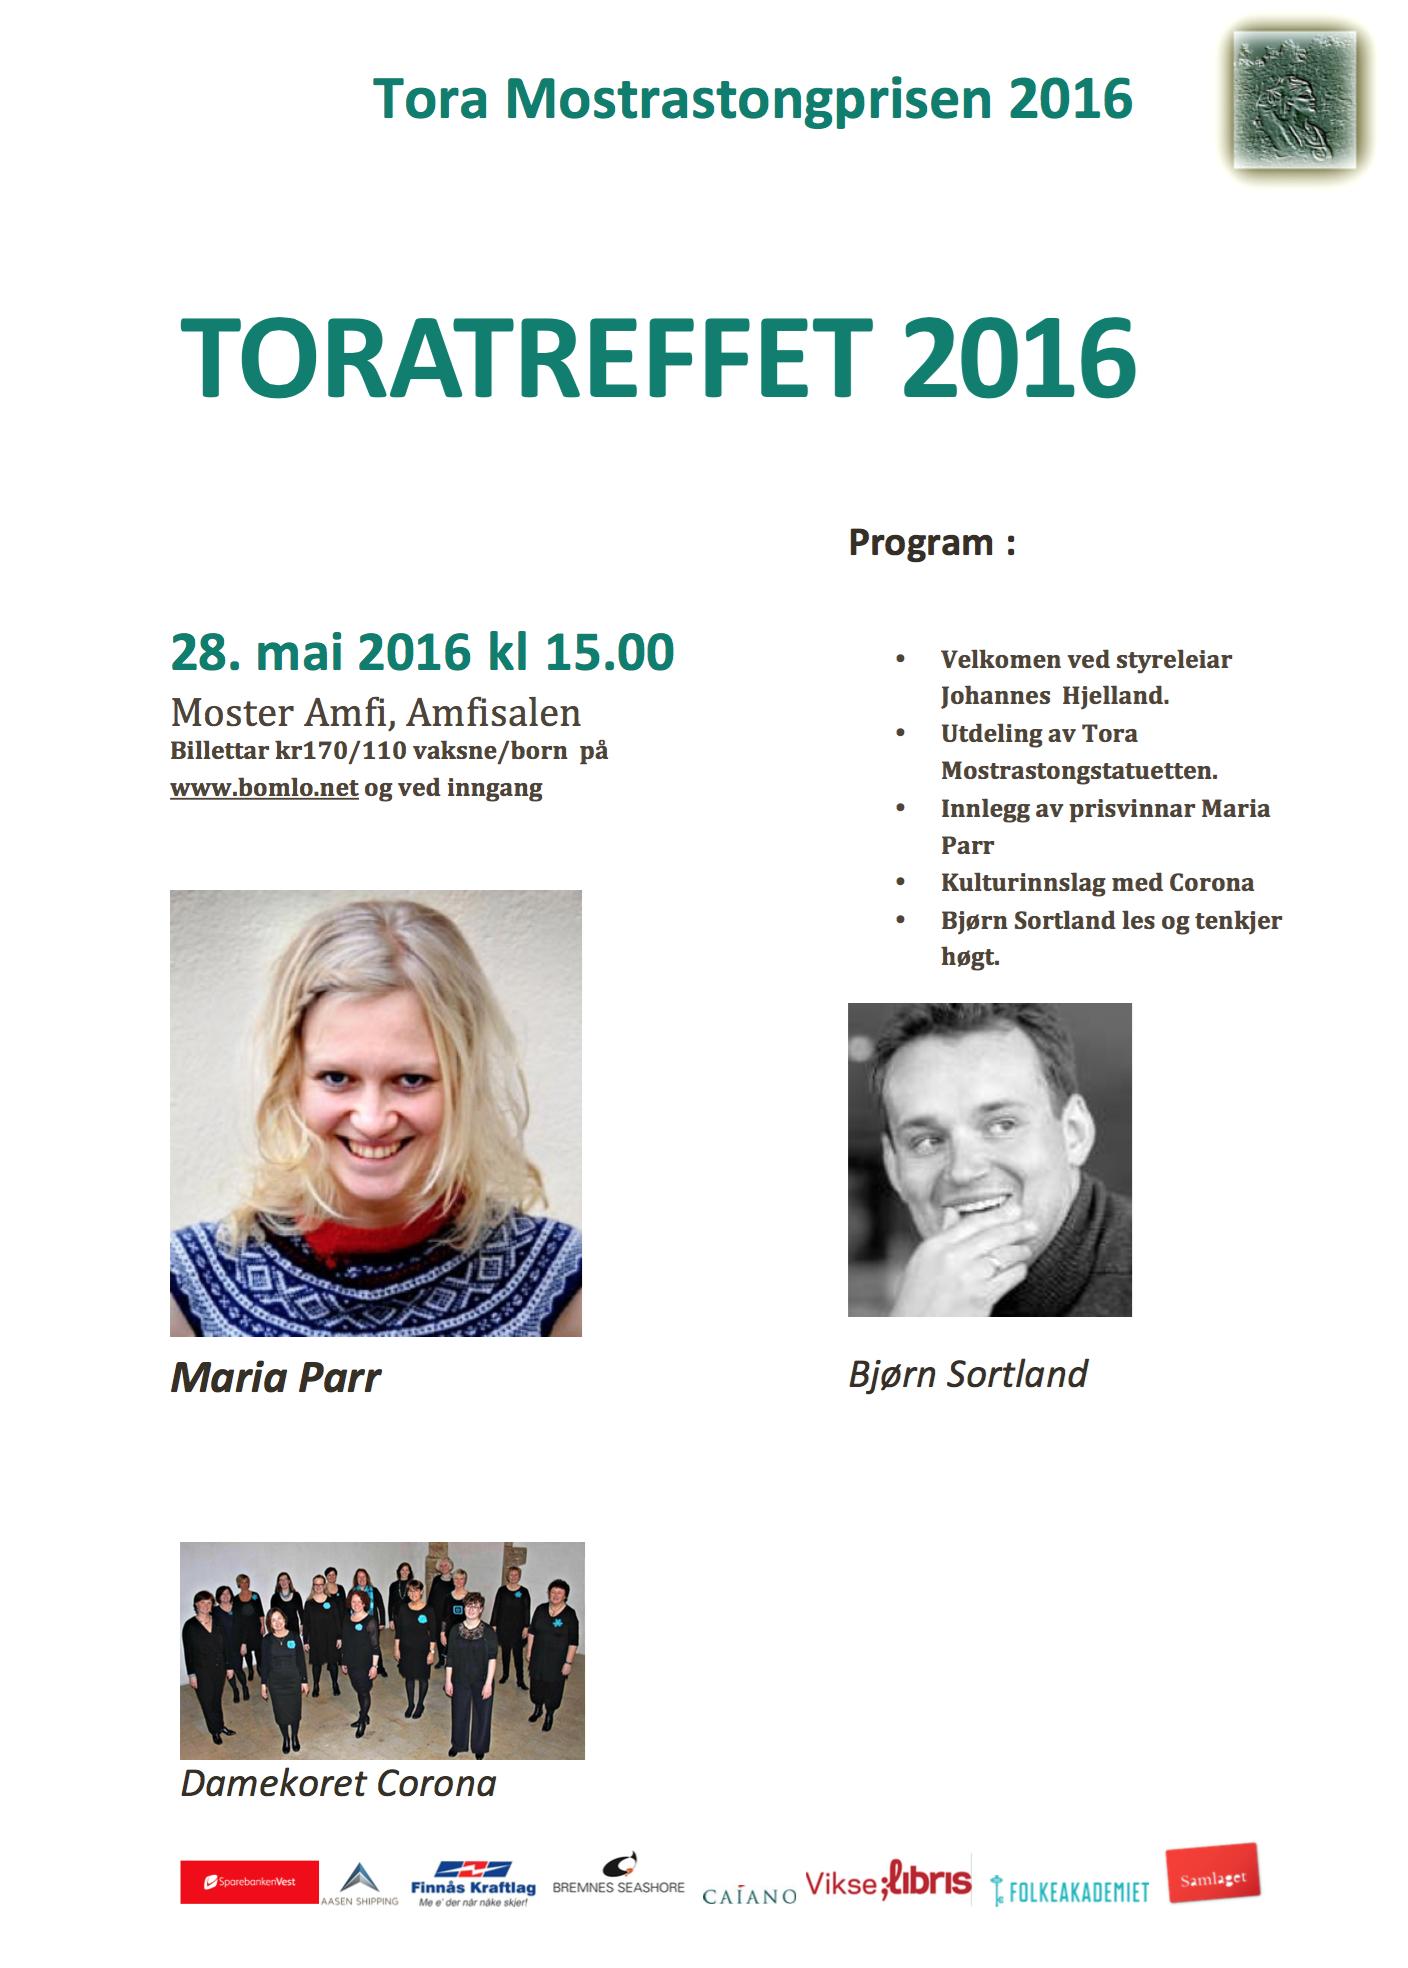 Toratreff 2016 FB